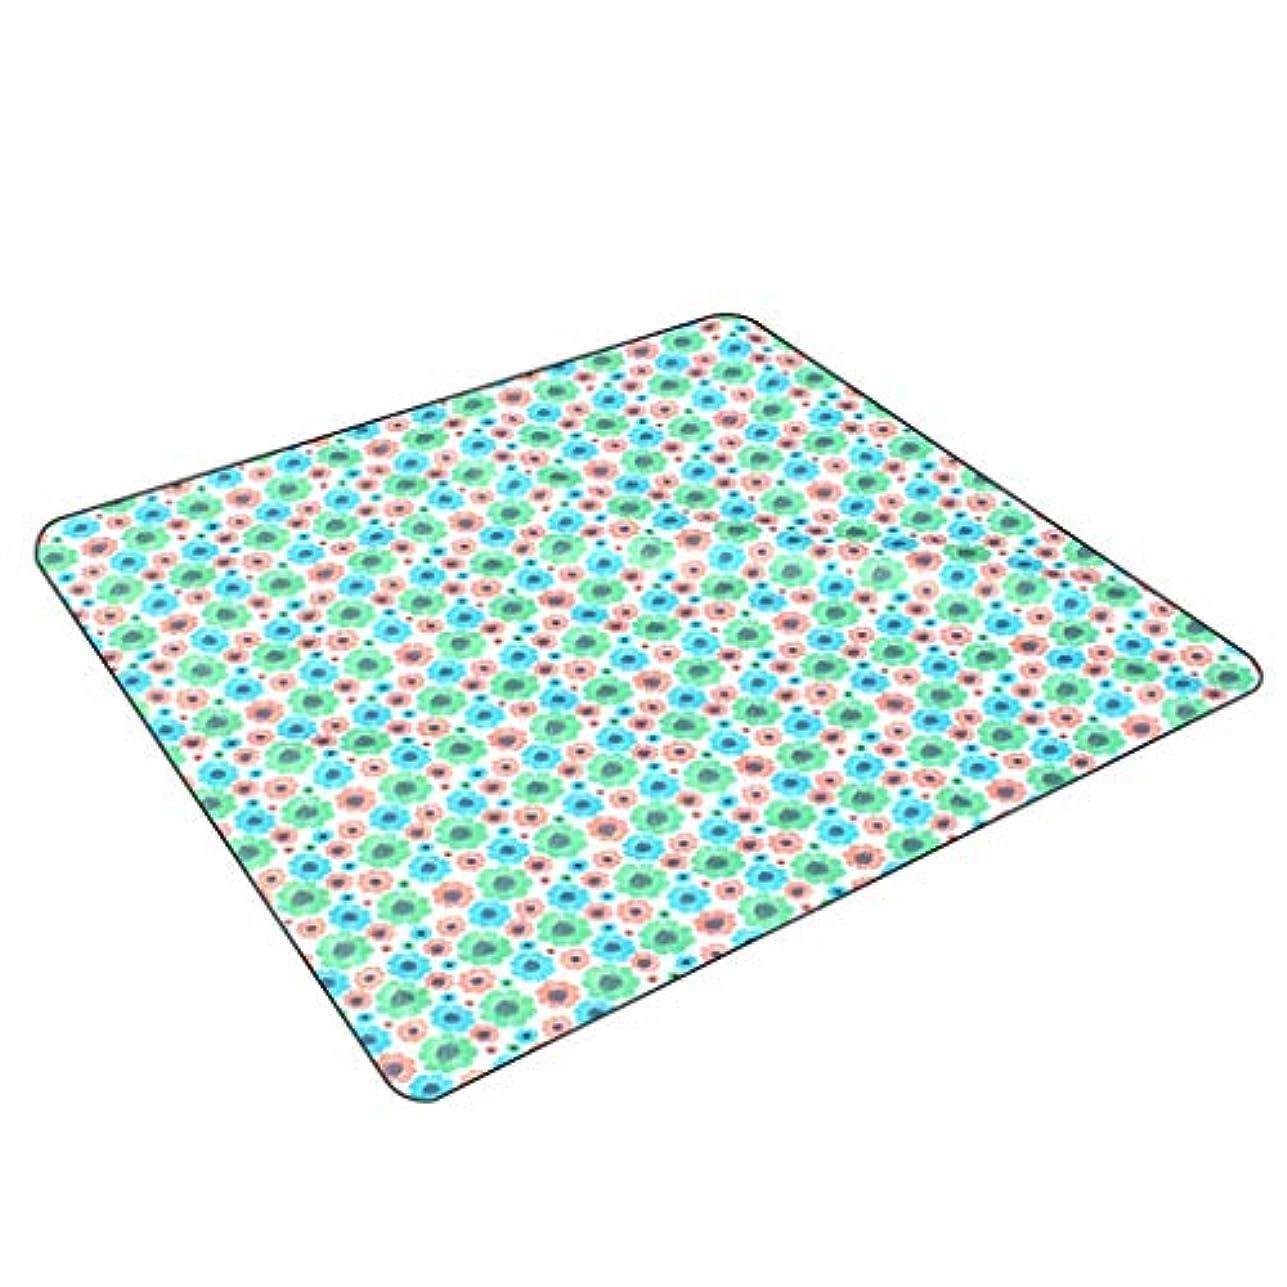 テラス仲人音節折りたたみピクニック毛布屋外オックスフォード布ビーチマットピクニックマット防水サンドプルーフキャンプハンドル付きファミリーデーアウト、旅行 (Size : 200*200cm)